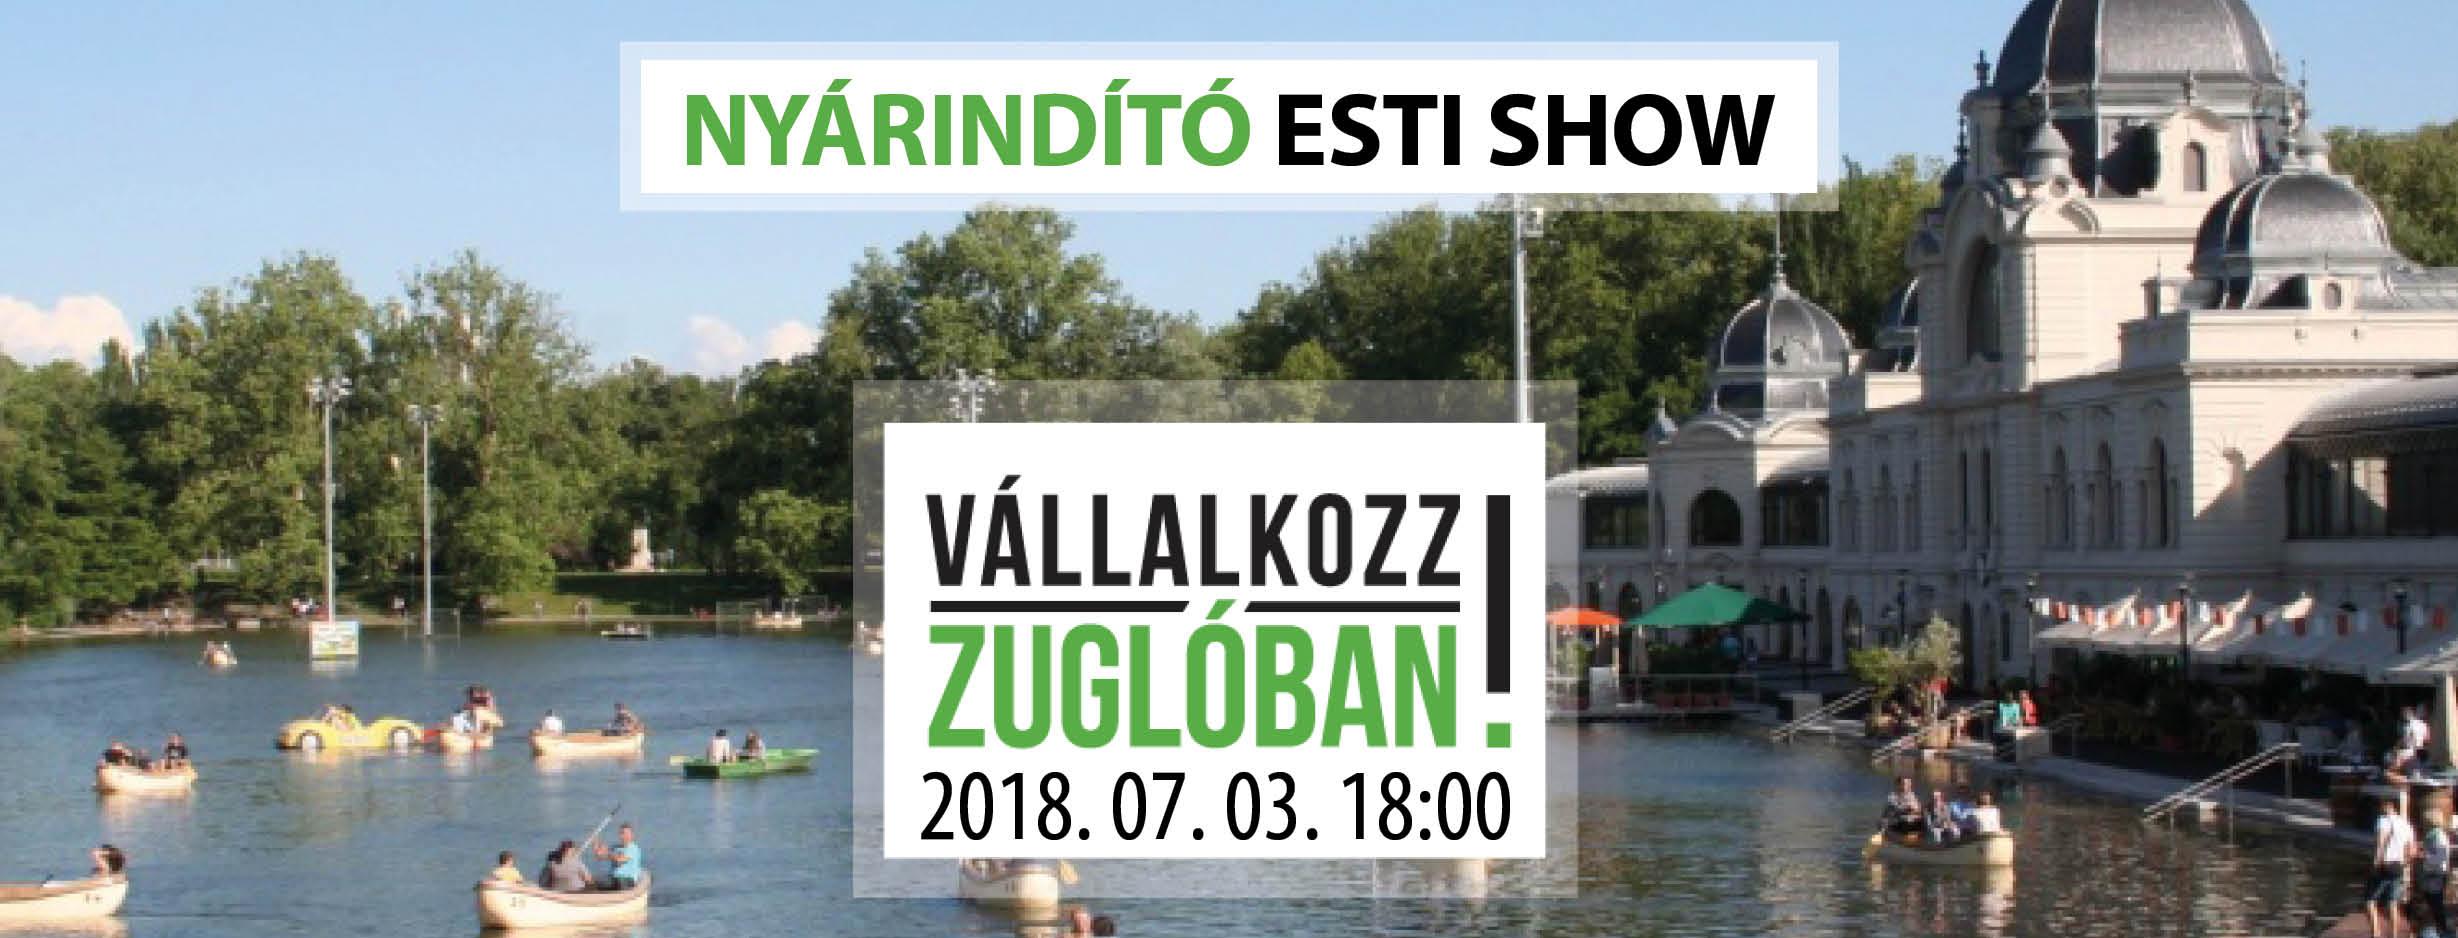 Vállalkozz Zuglóban – Nyárindító Esti Show!